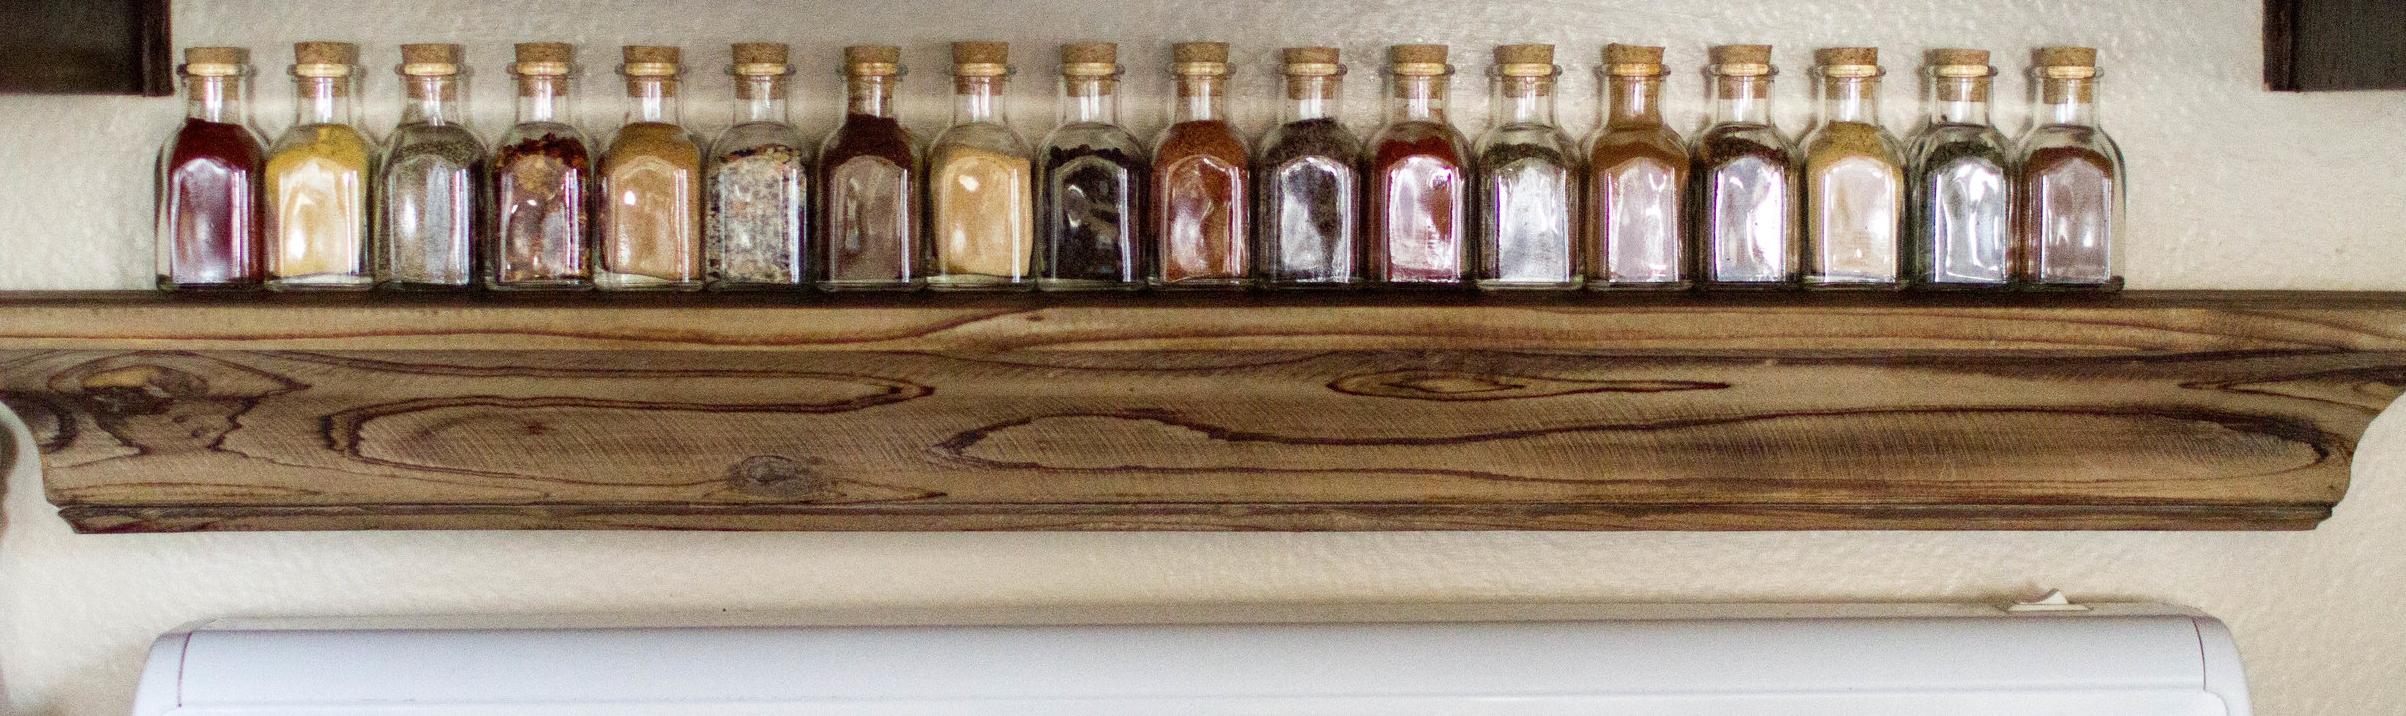 Shop mini jars  HERE    Shop floating wall shelf  HERE